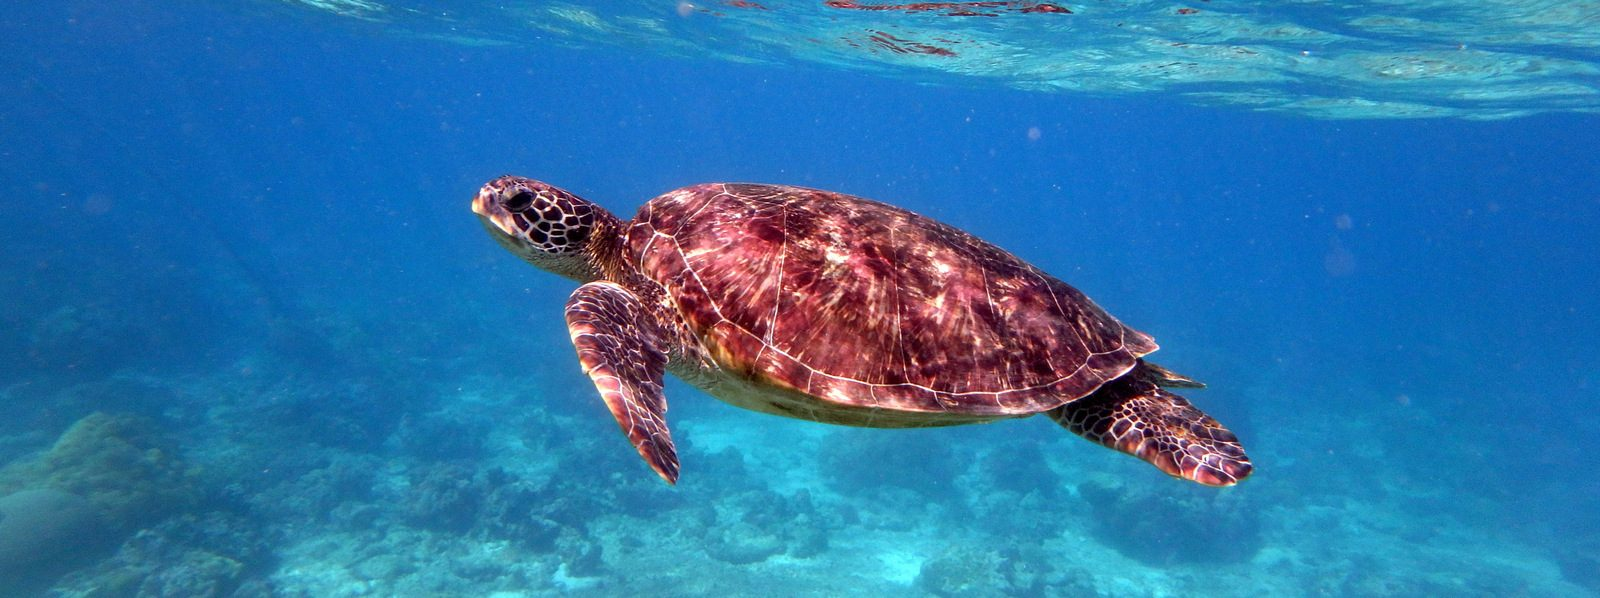 Underwater Philippines